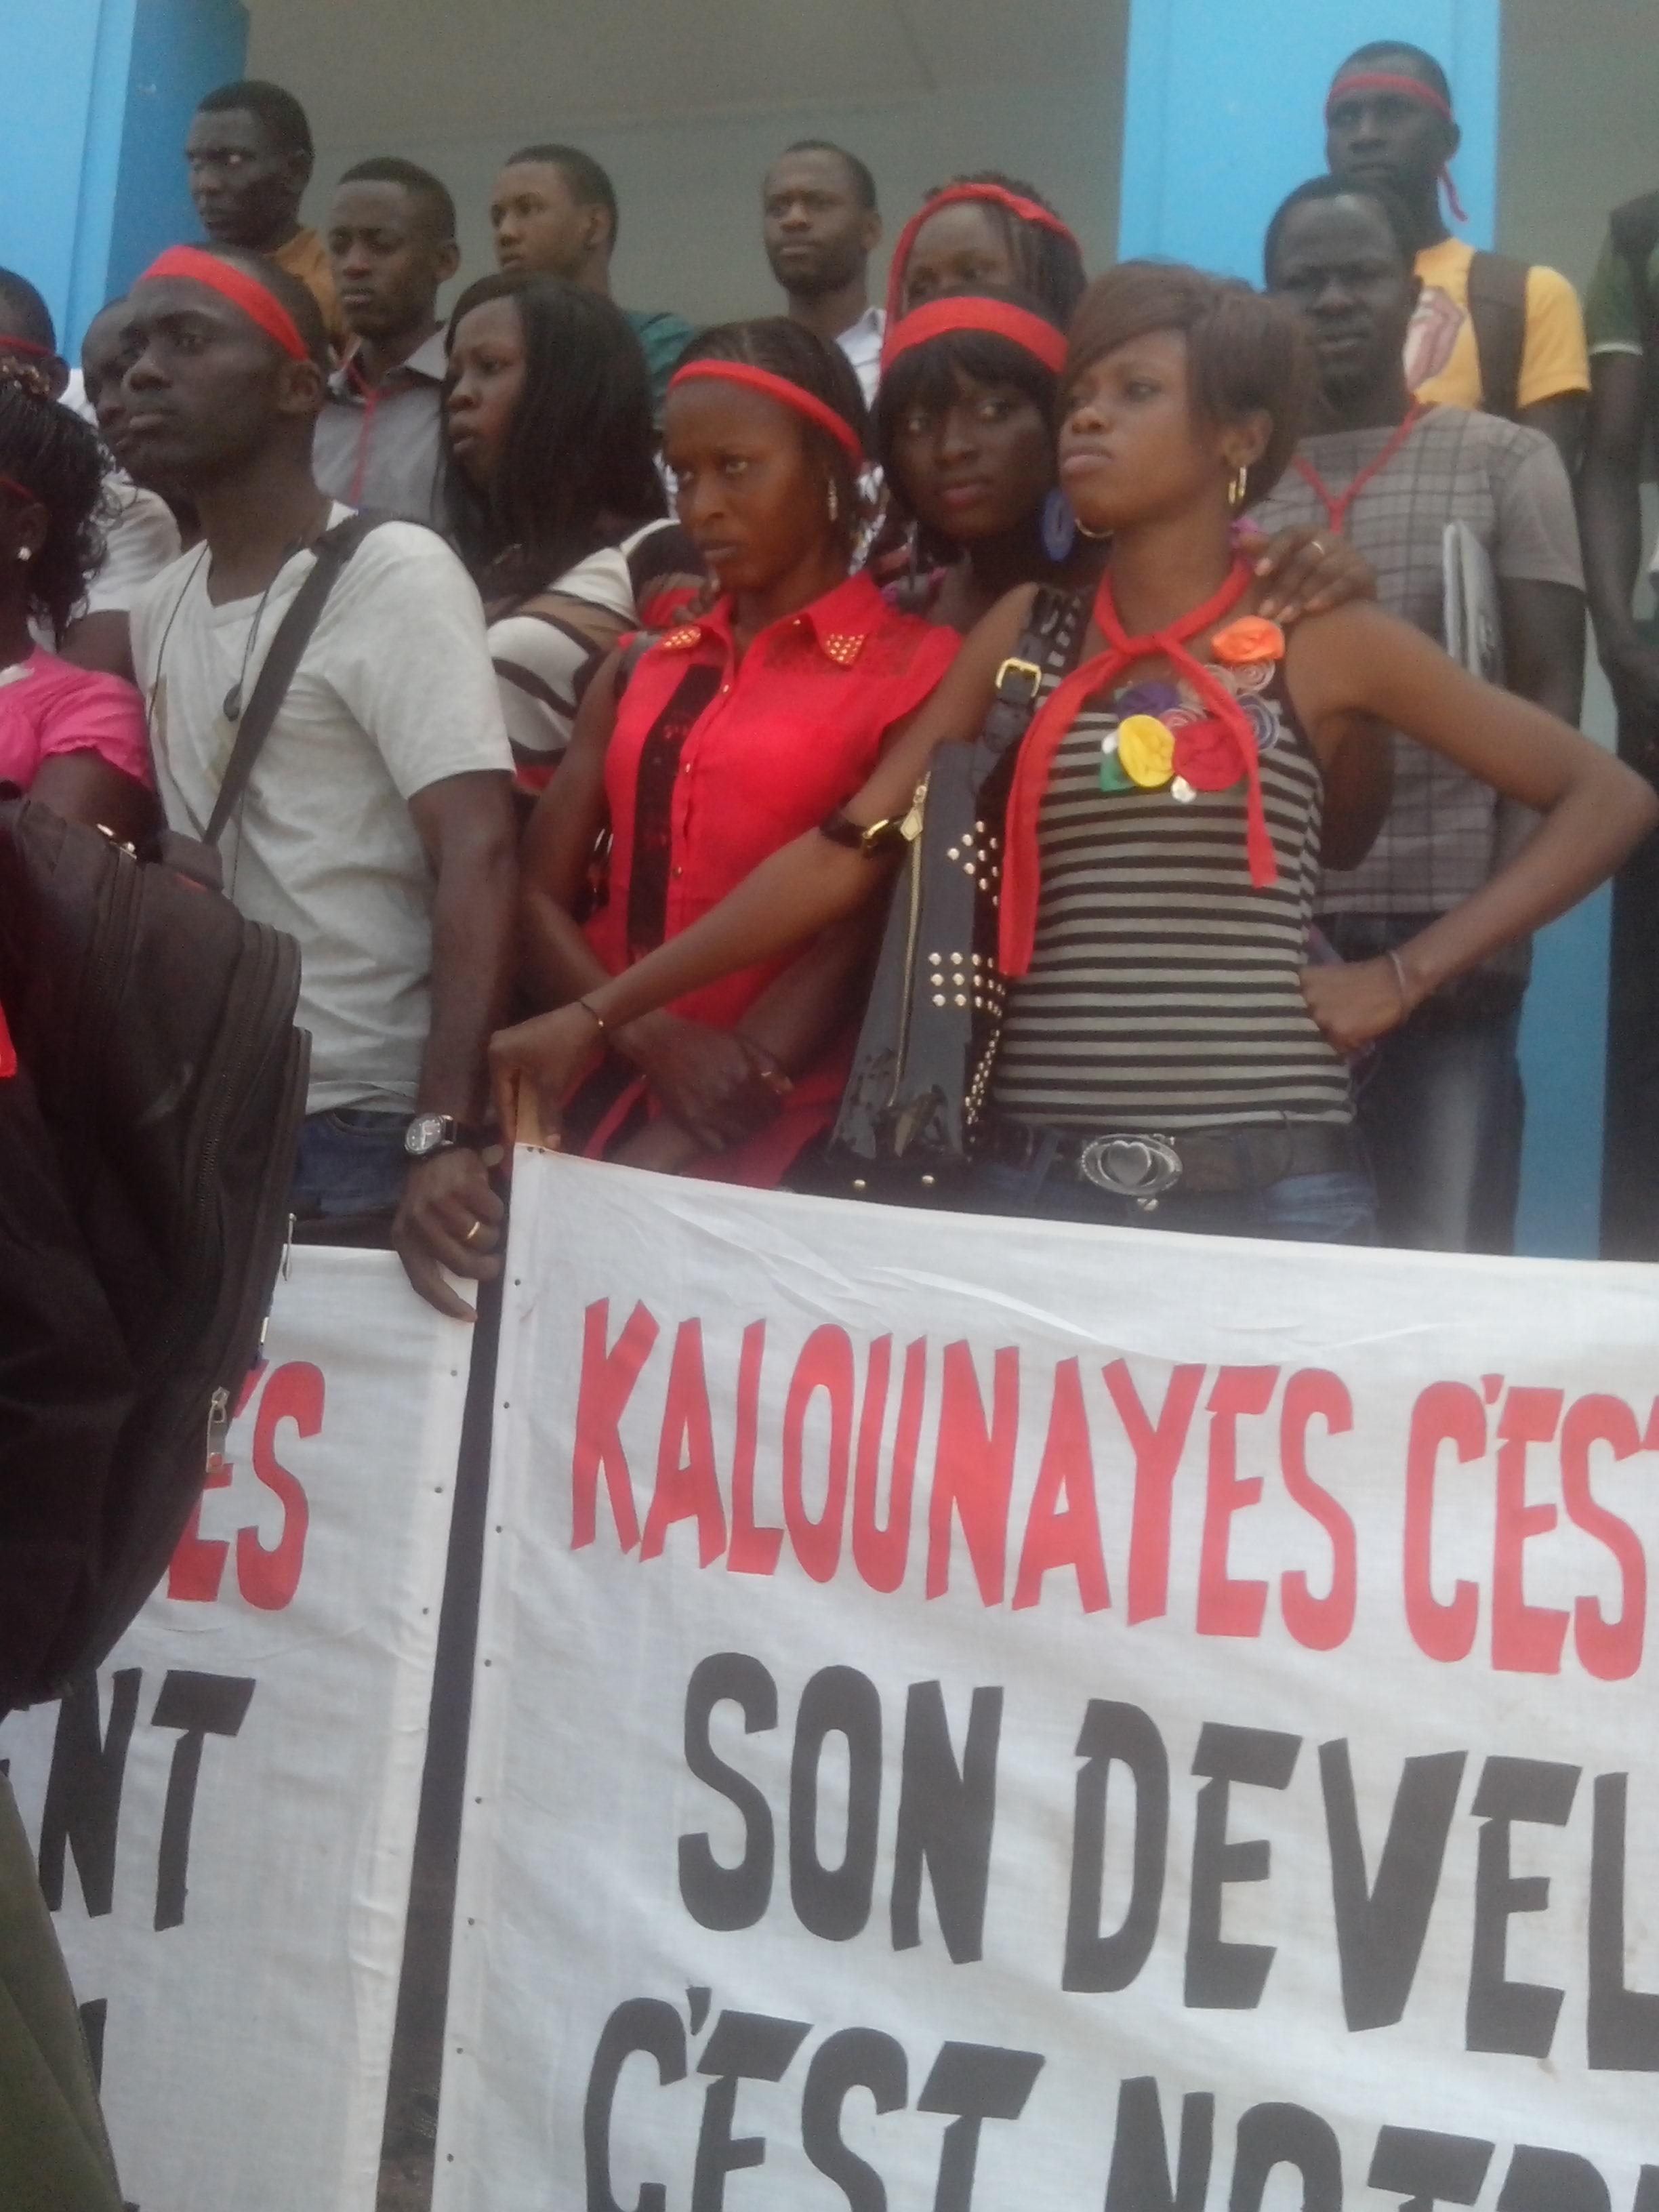 Bignona: Les Kalounayes veulent sortir de l'enclavement